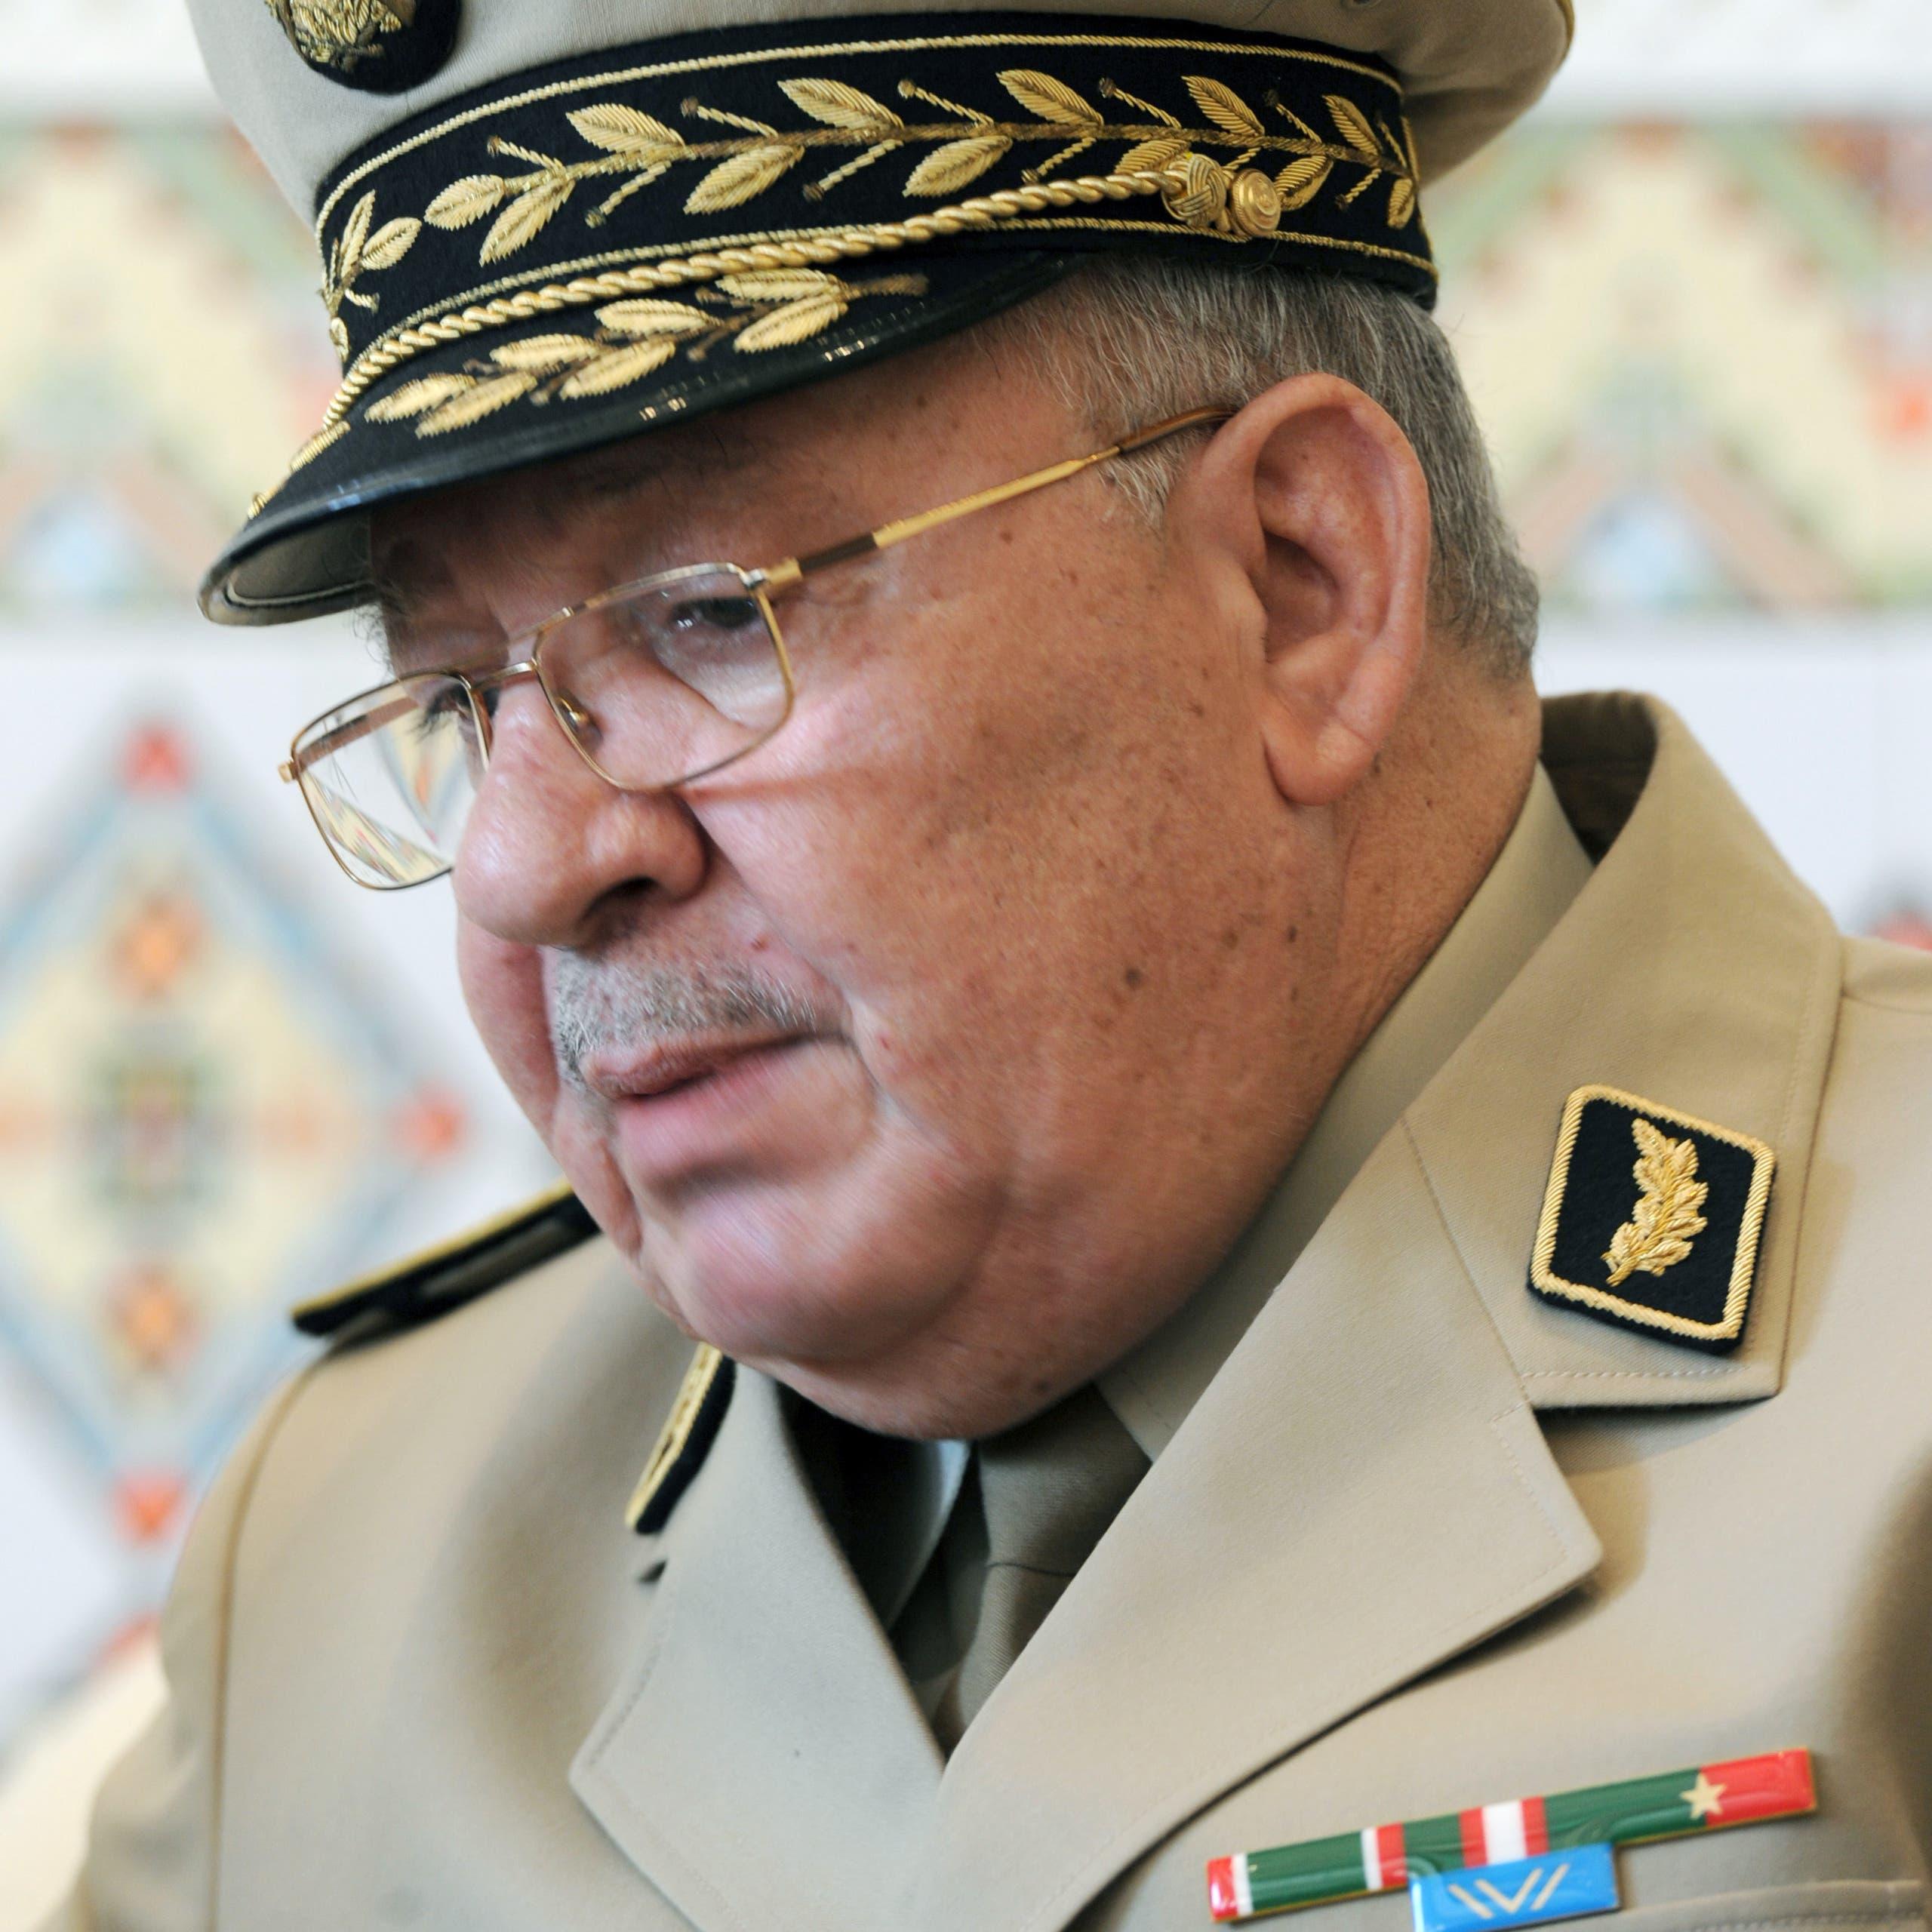 رئيس أركان الجيش الجزائري: لا طموحات سياسية لدينا